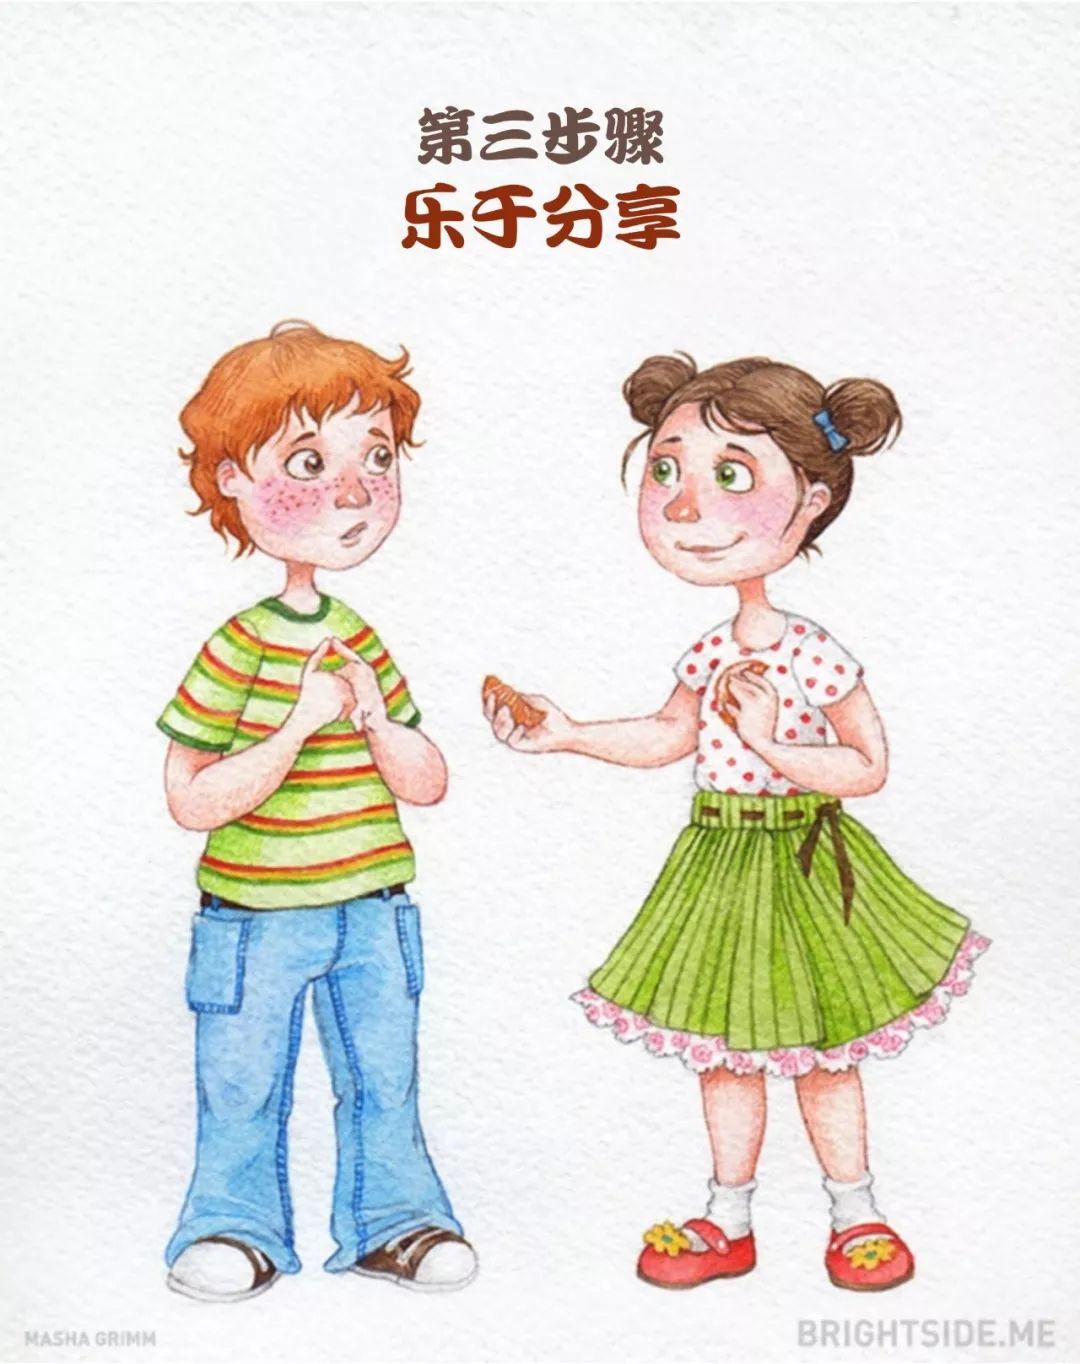 漫画 十二张图教你如何维系一生亲密关系